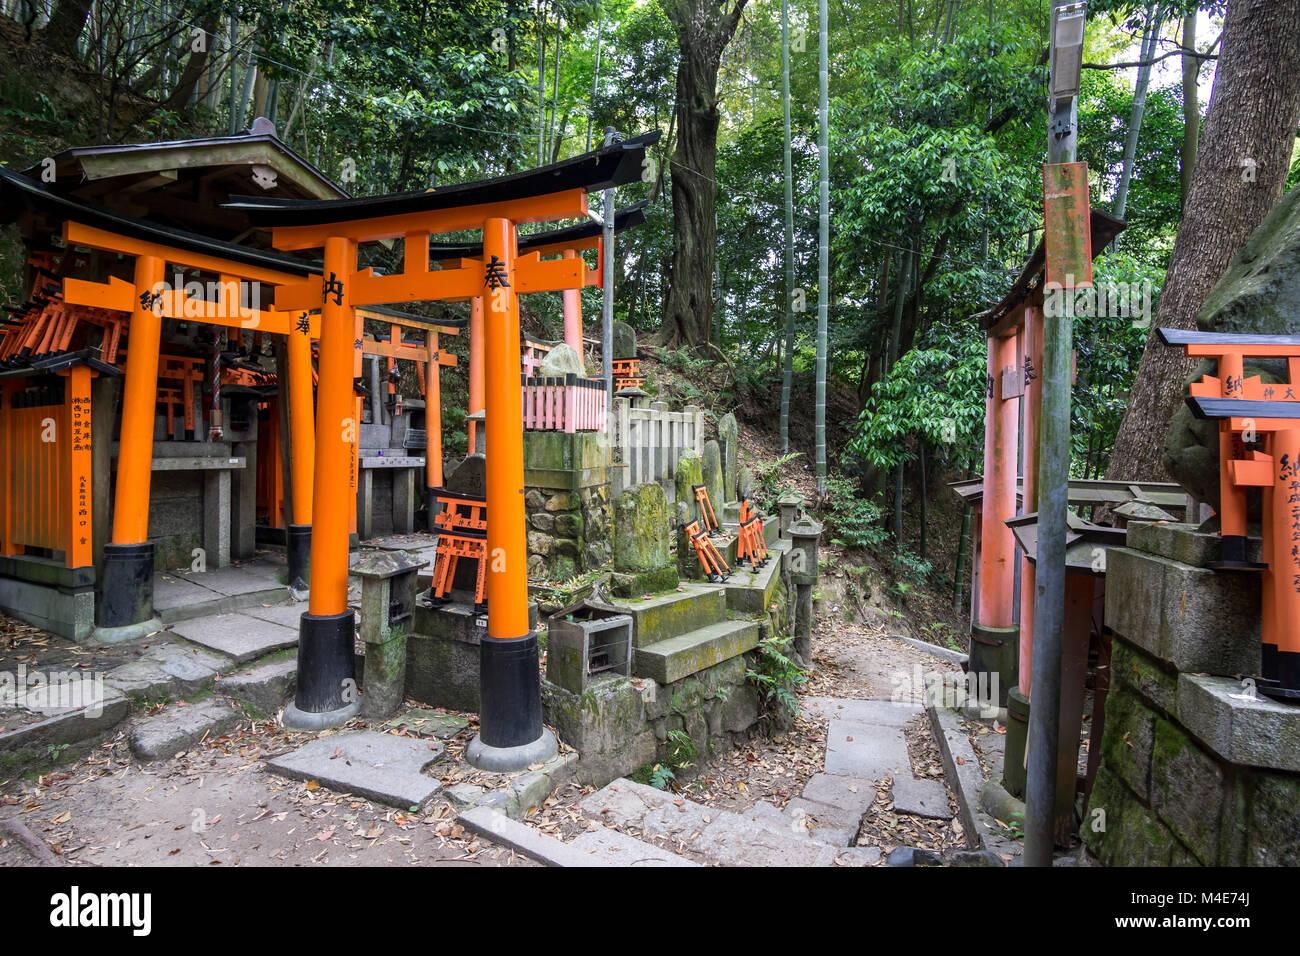 fushimi inari shinto shrine - Stock Image